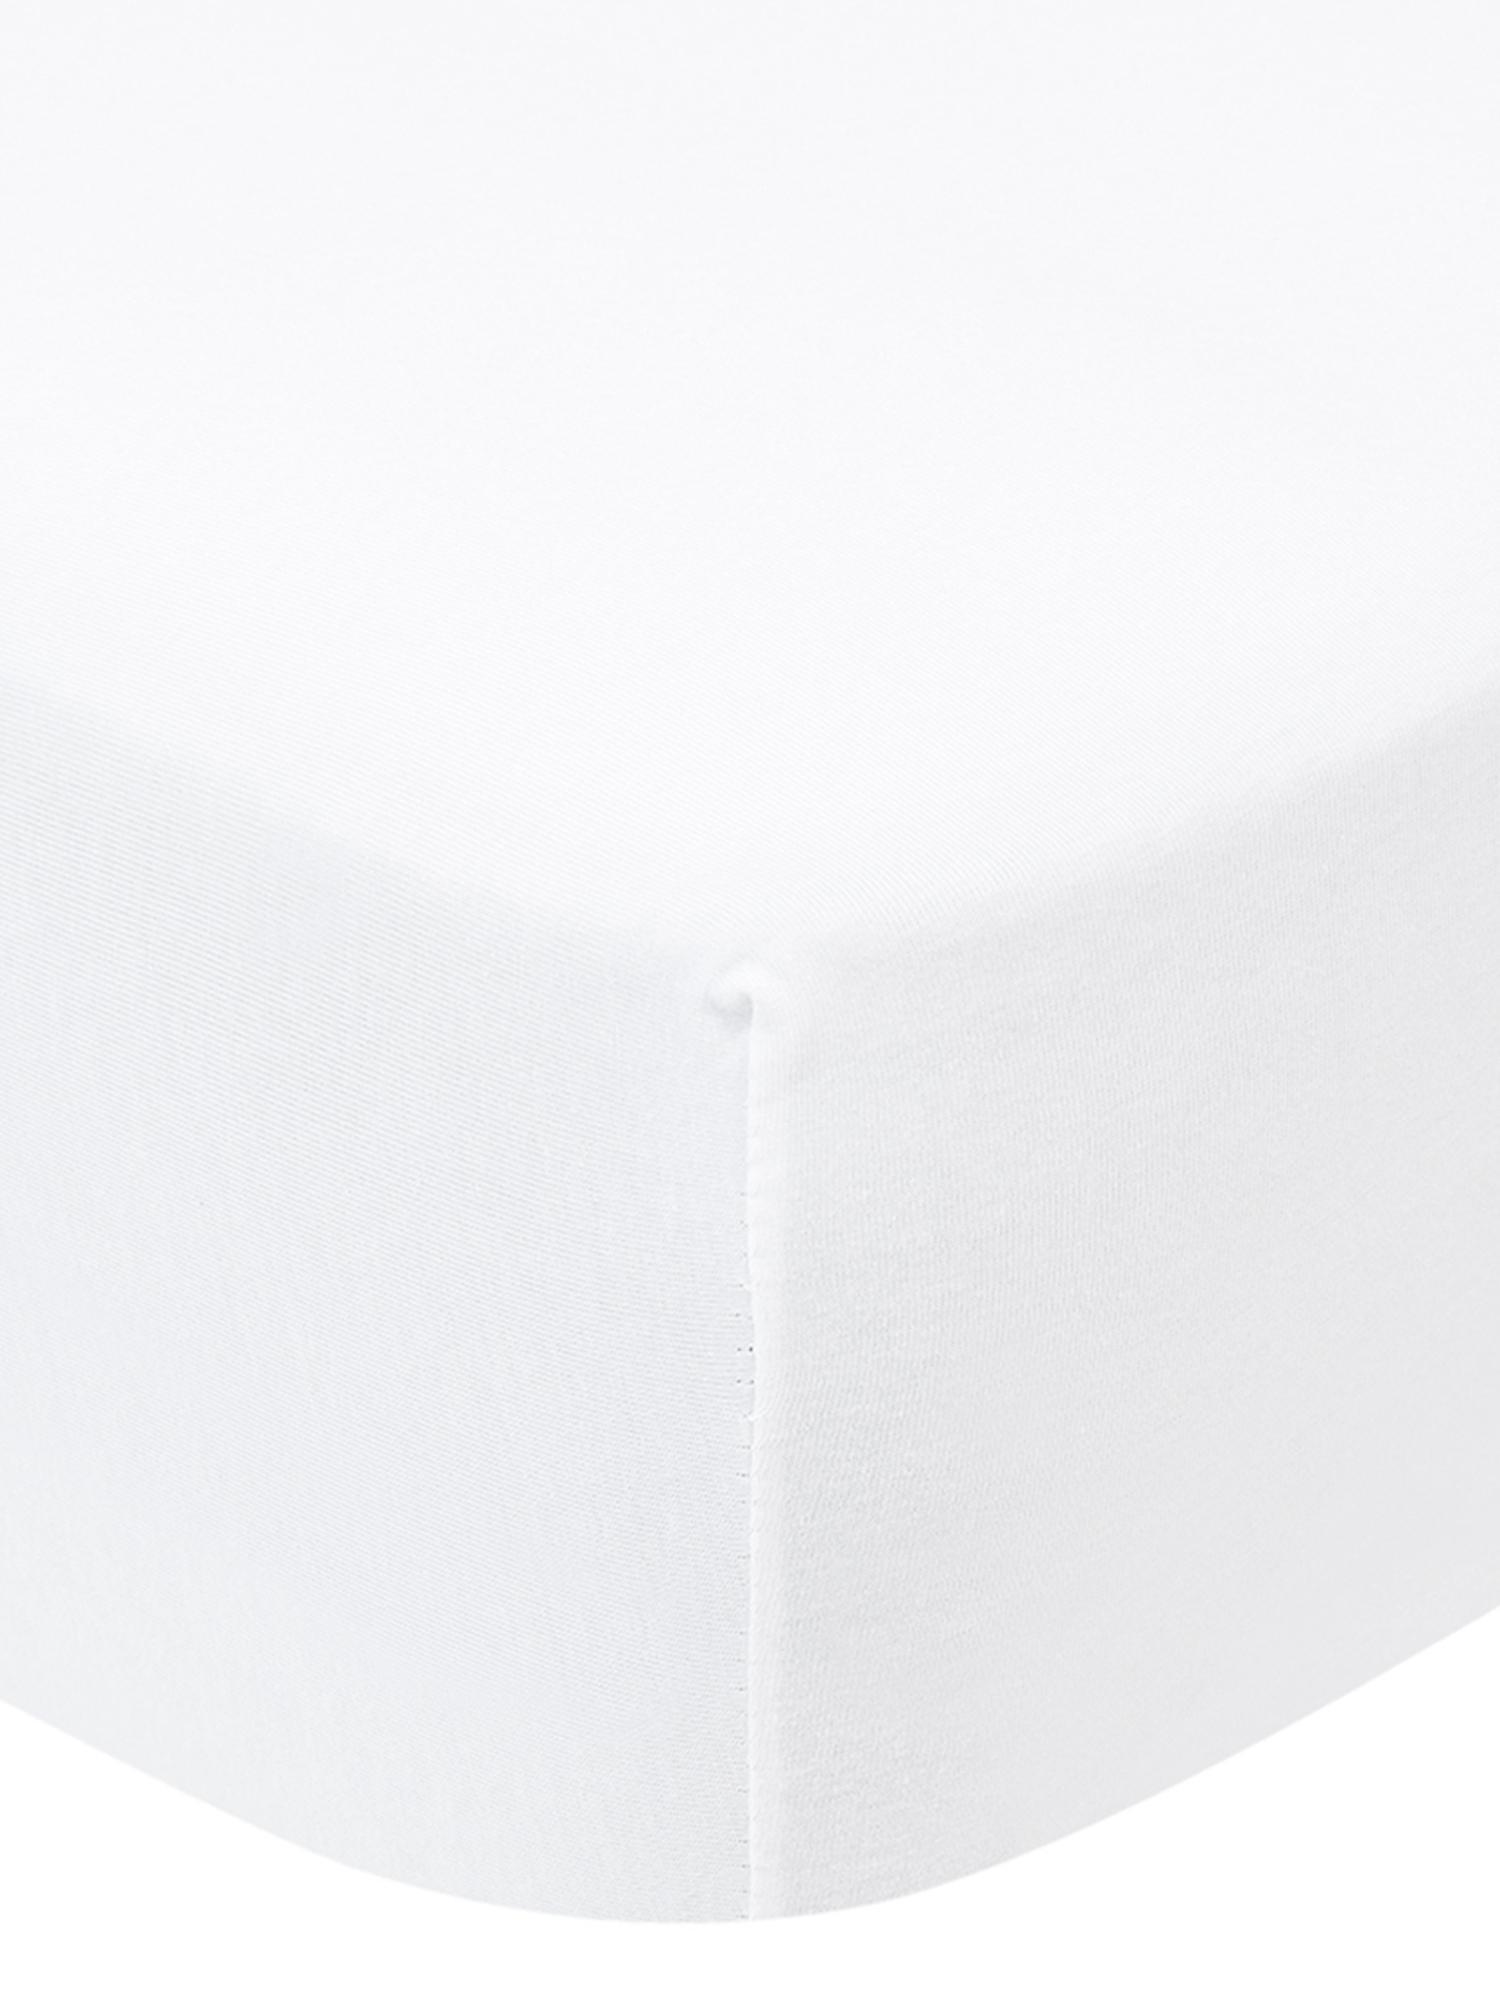 Prześcieradło z gumką na topper z jerseyu Lara, 95% bawełna, 5% elastan, Biały, S 200 x D 200 cm